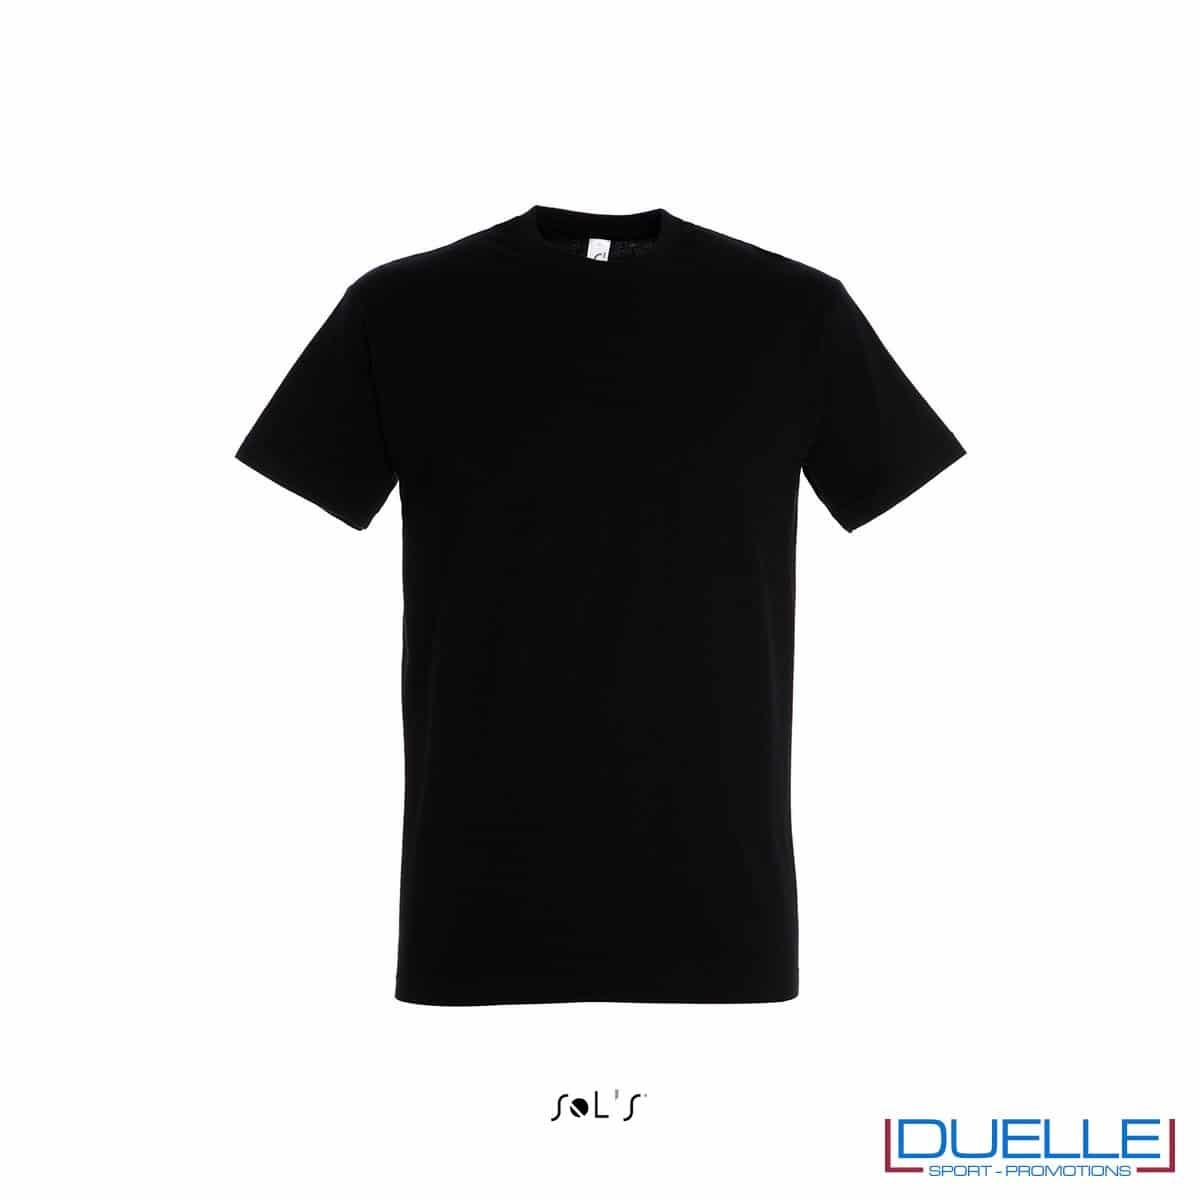 Maglietta promozionale in cotone pesante colore nero personalizzata con ricamo o stampa